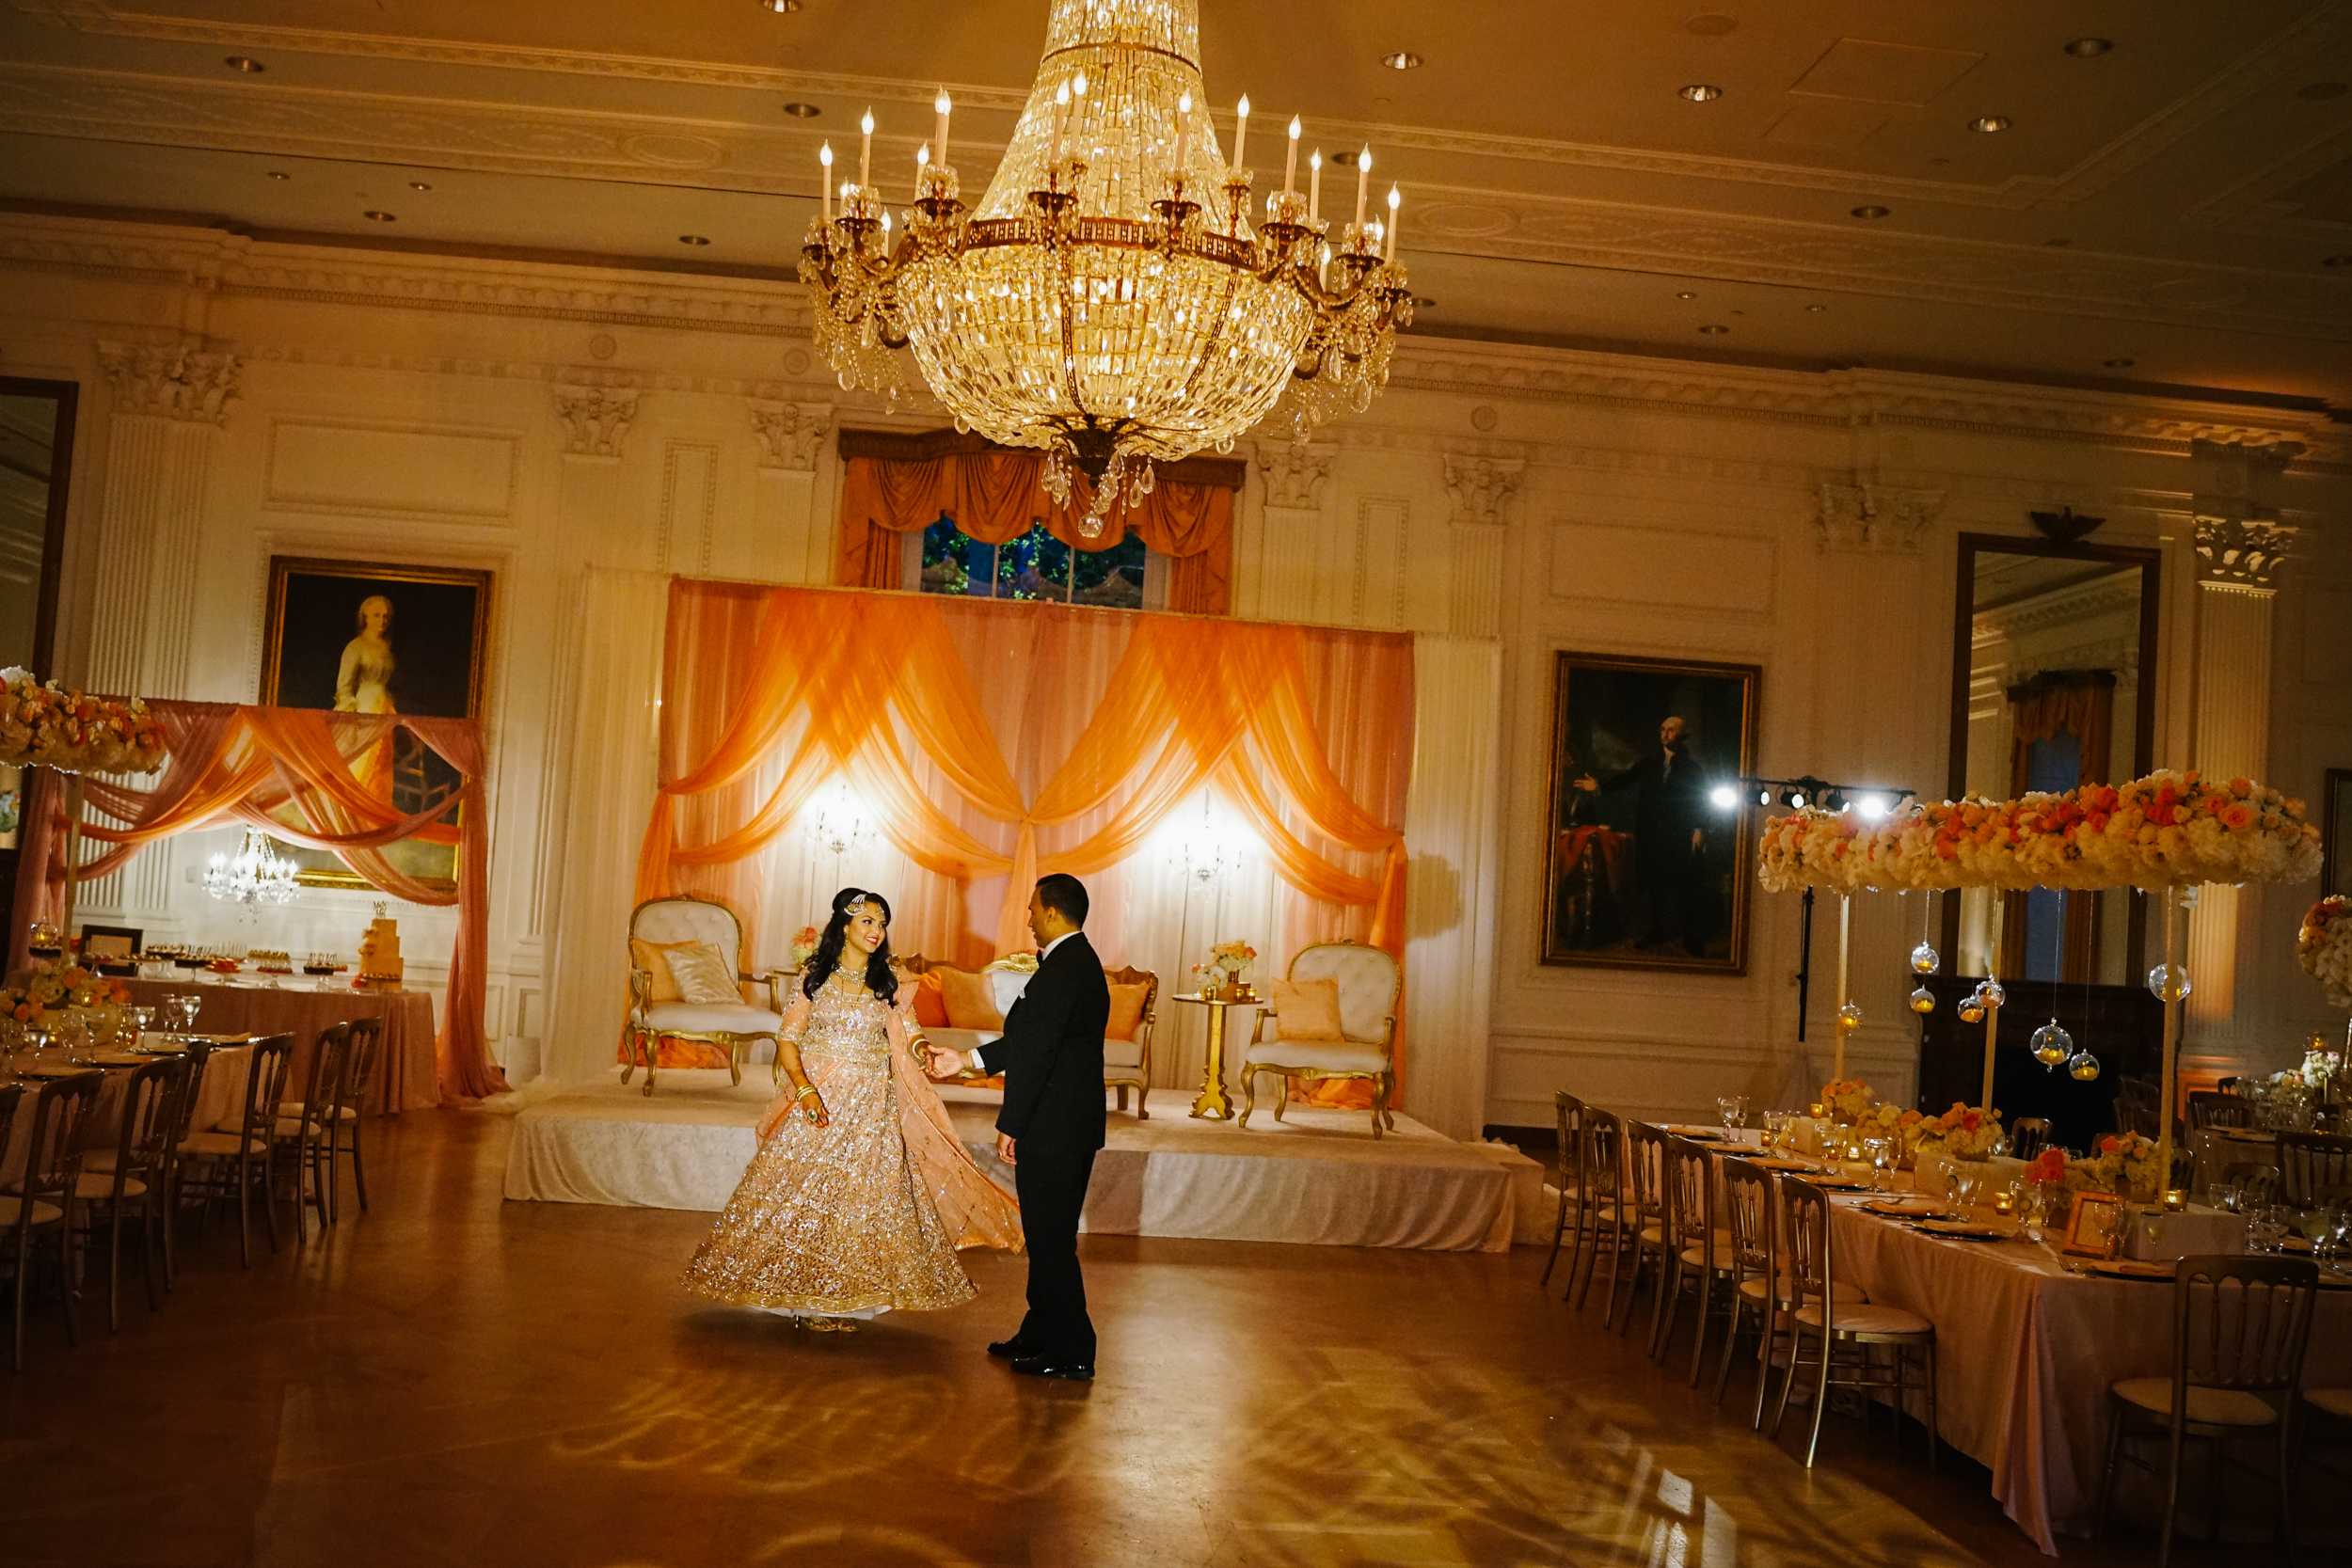 JKP_Indian_Weddings_0170.JPG